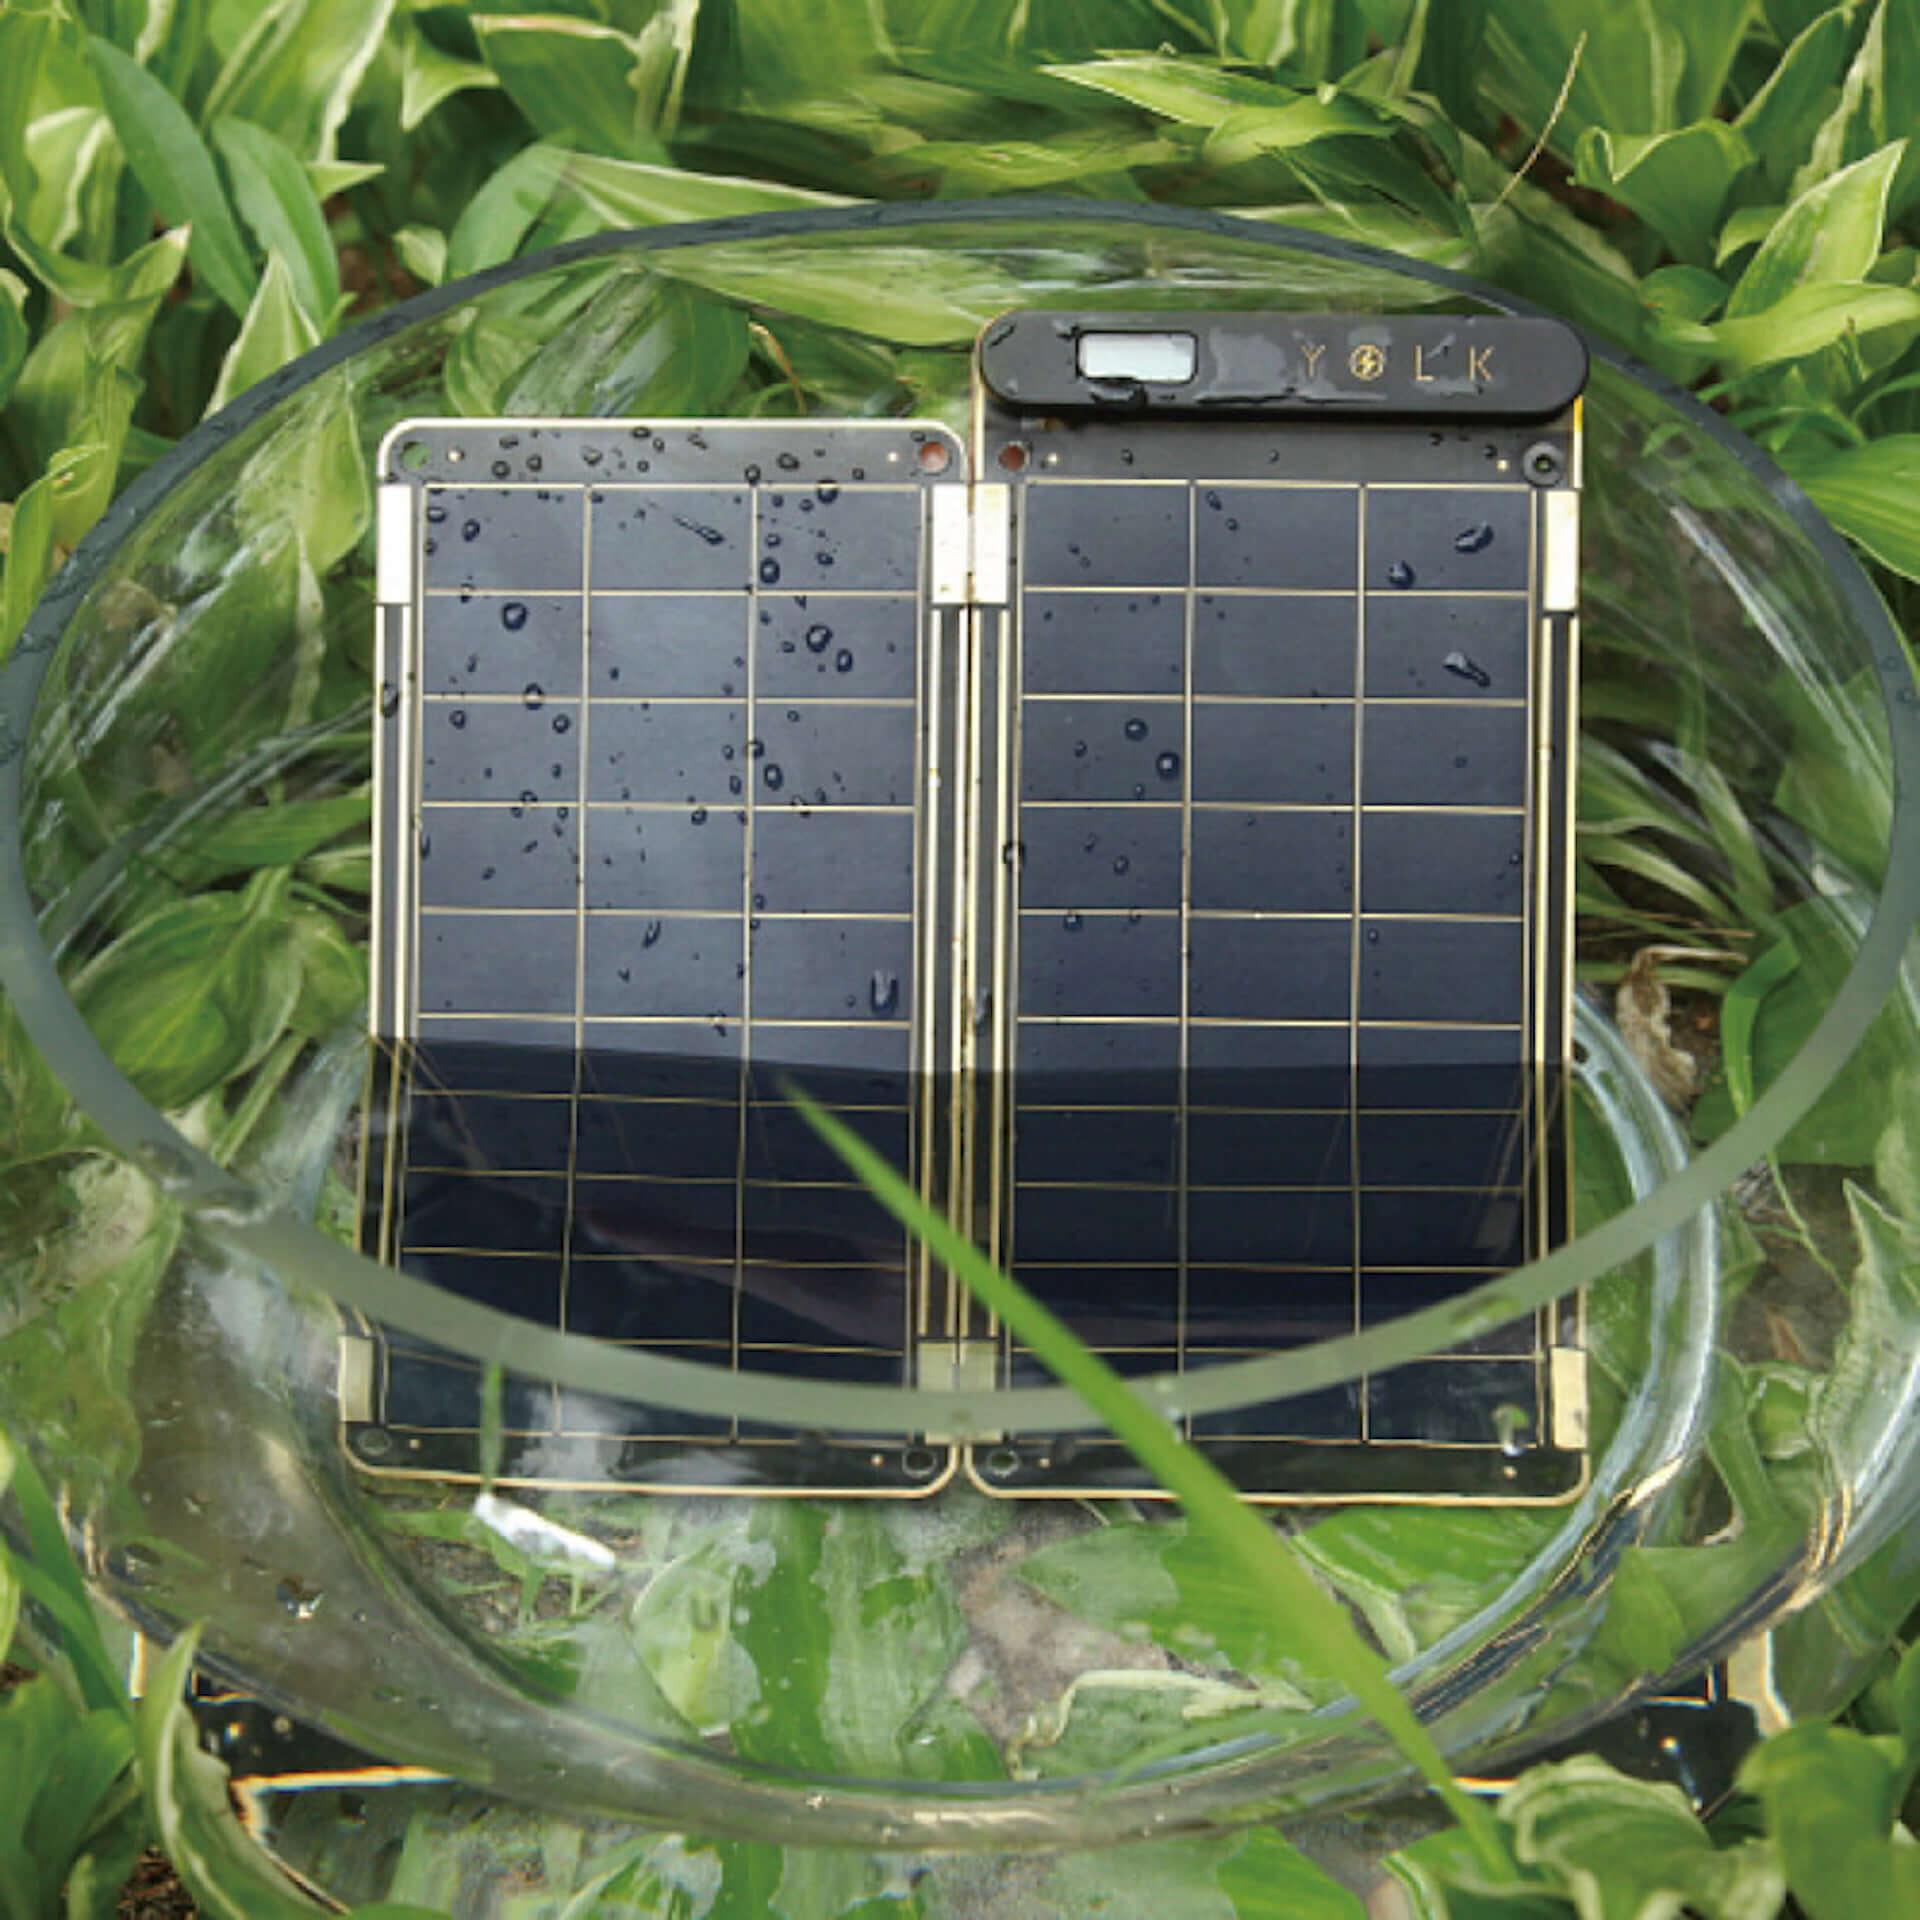 世界最薄・最軽量!家庭用コンセント同等の充電スピードを誇る、高性能ソーラーチャージャー「YOLK Solar Paper」が登場 technology190821yolk-solar-paper_6-1920x1920